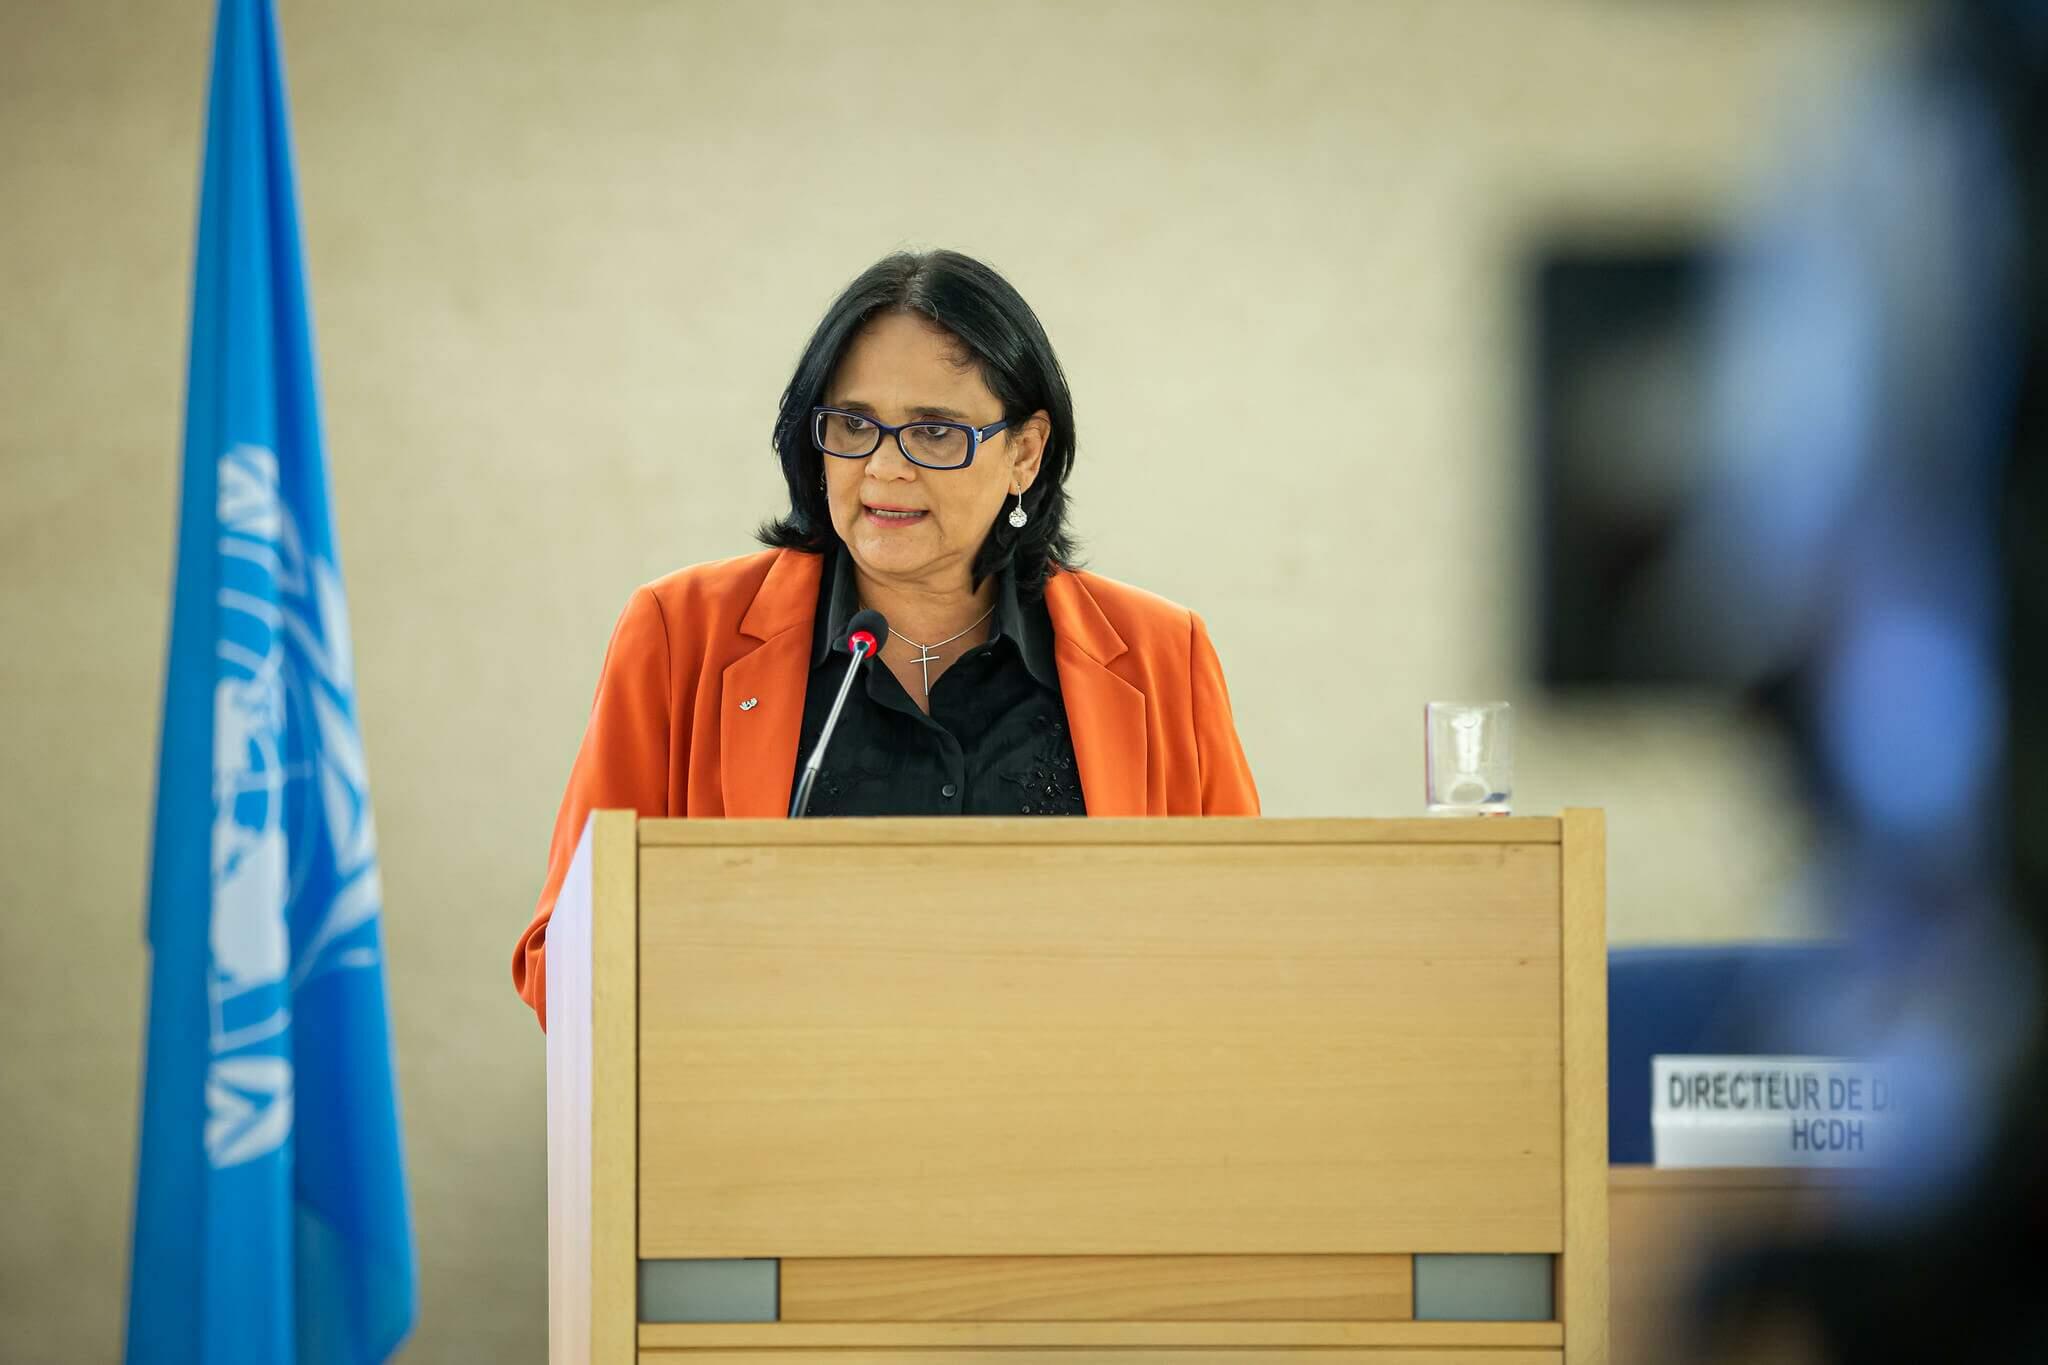 Ministra Damares Alves do Ministério da Mulher, Família e Direitos Humanos em discurso.